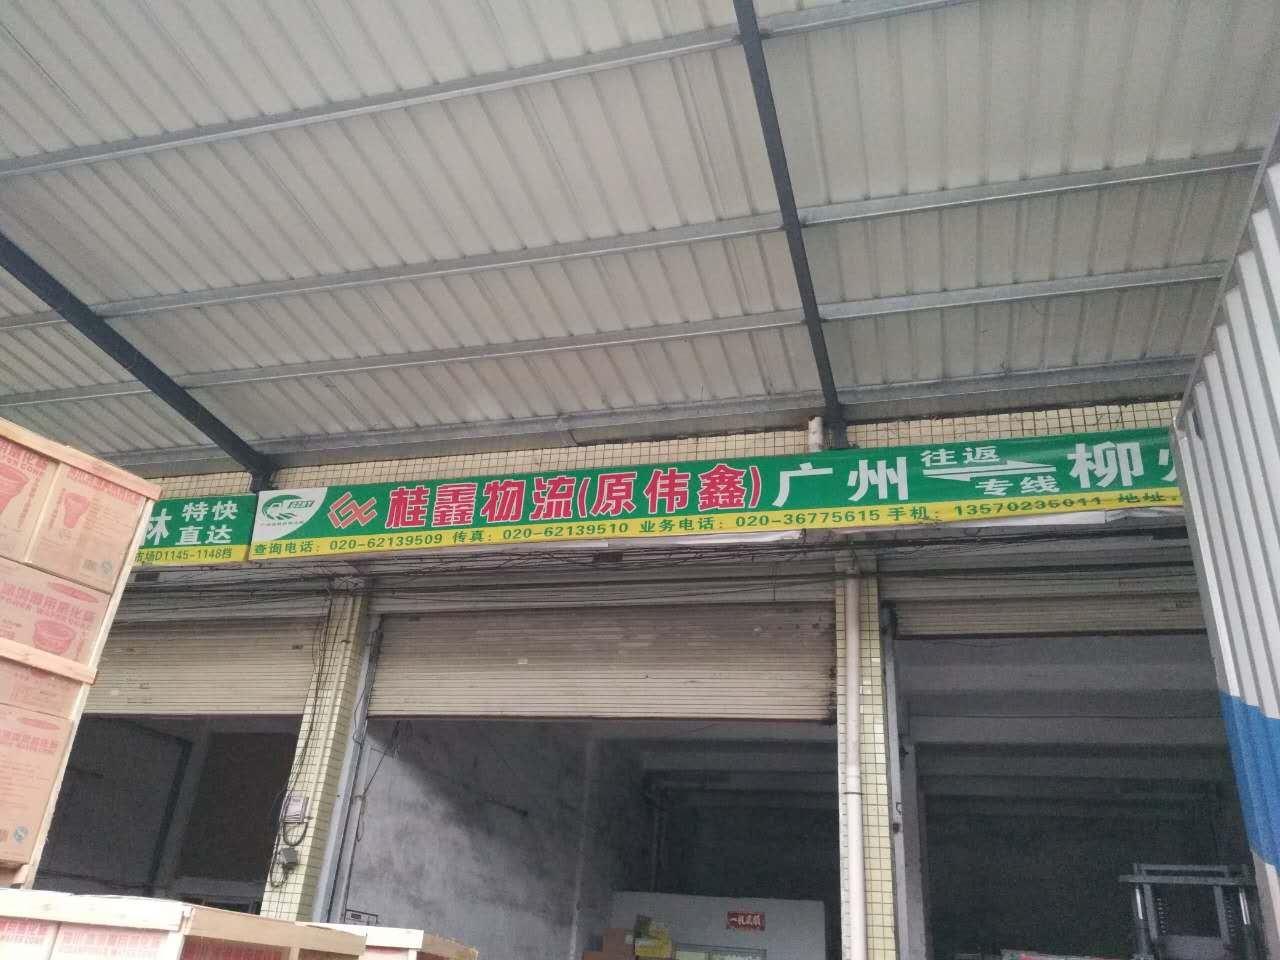 广州到保定物流专线(广州市桂鑫物流有限公司)